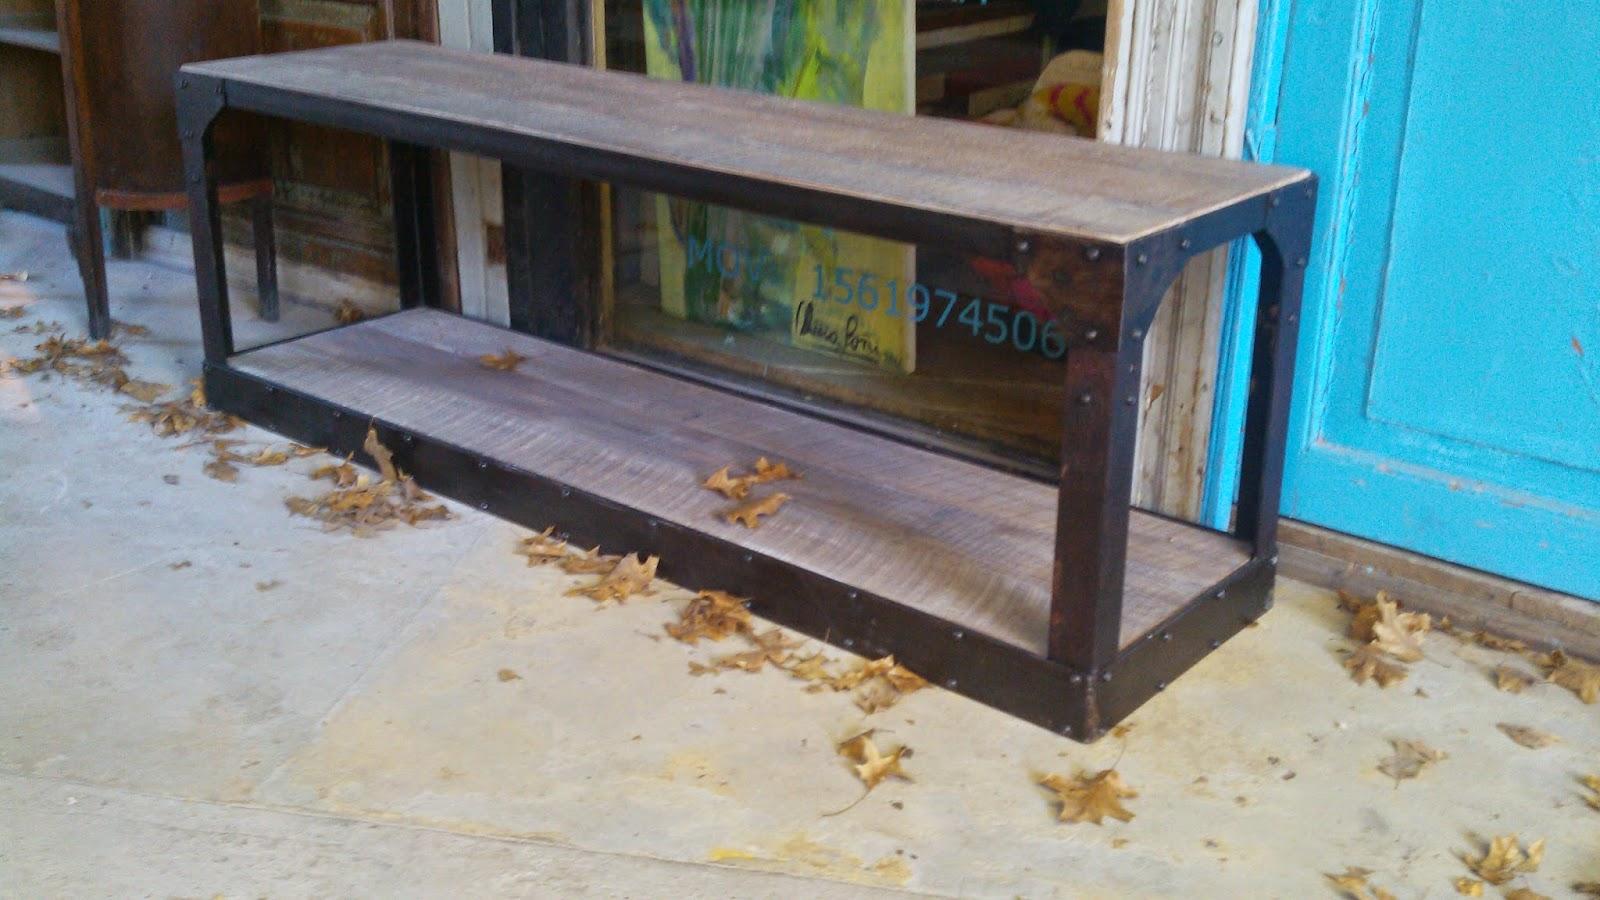 Muebles patchwork ruta 27 n 5707 rincon de milberg - Muebles de madera y hierro ...